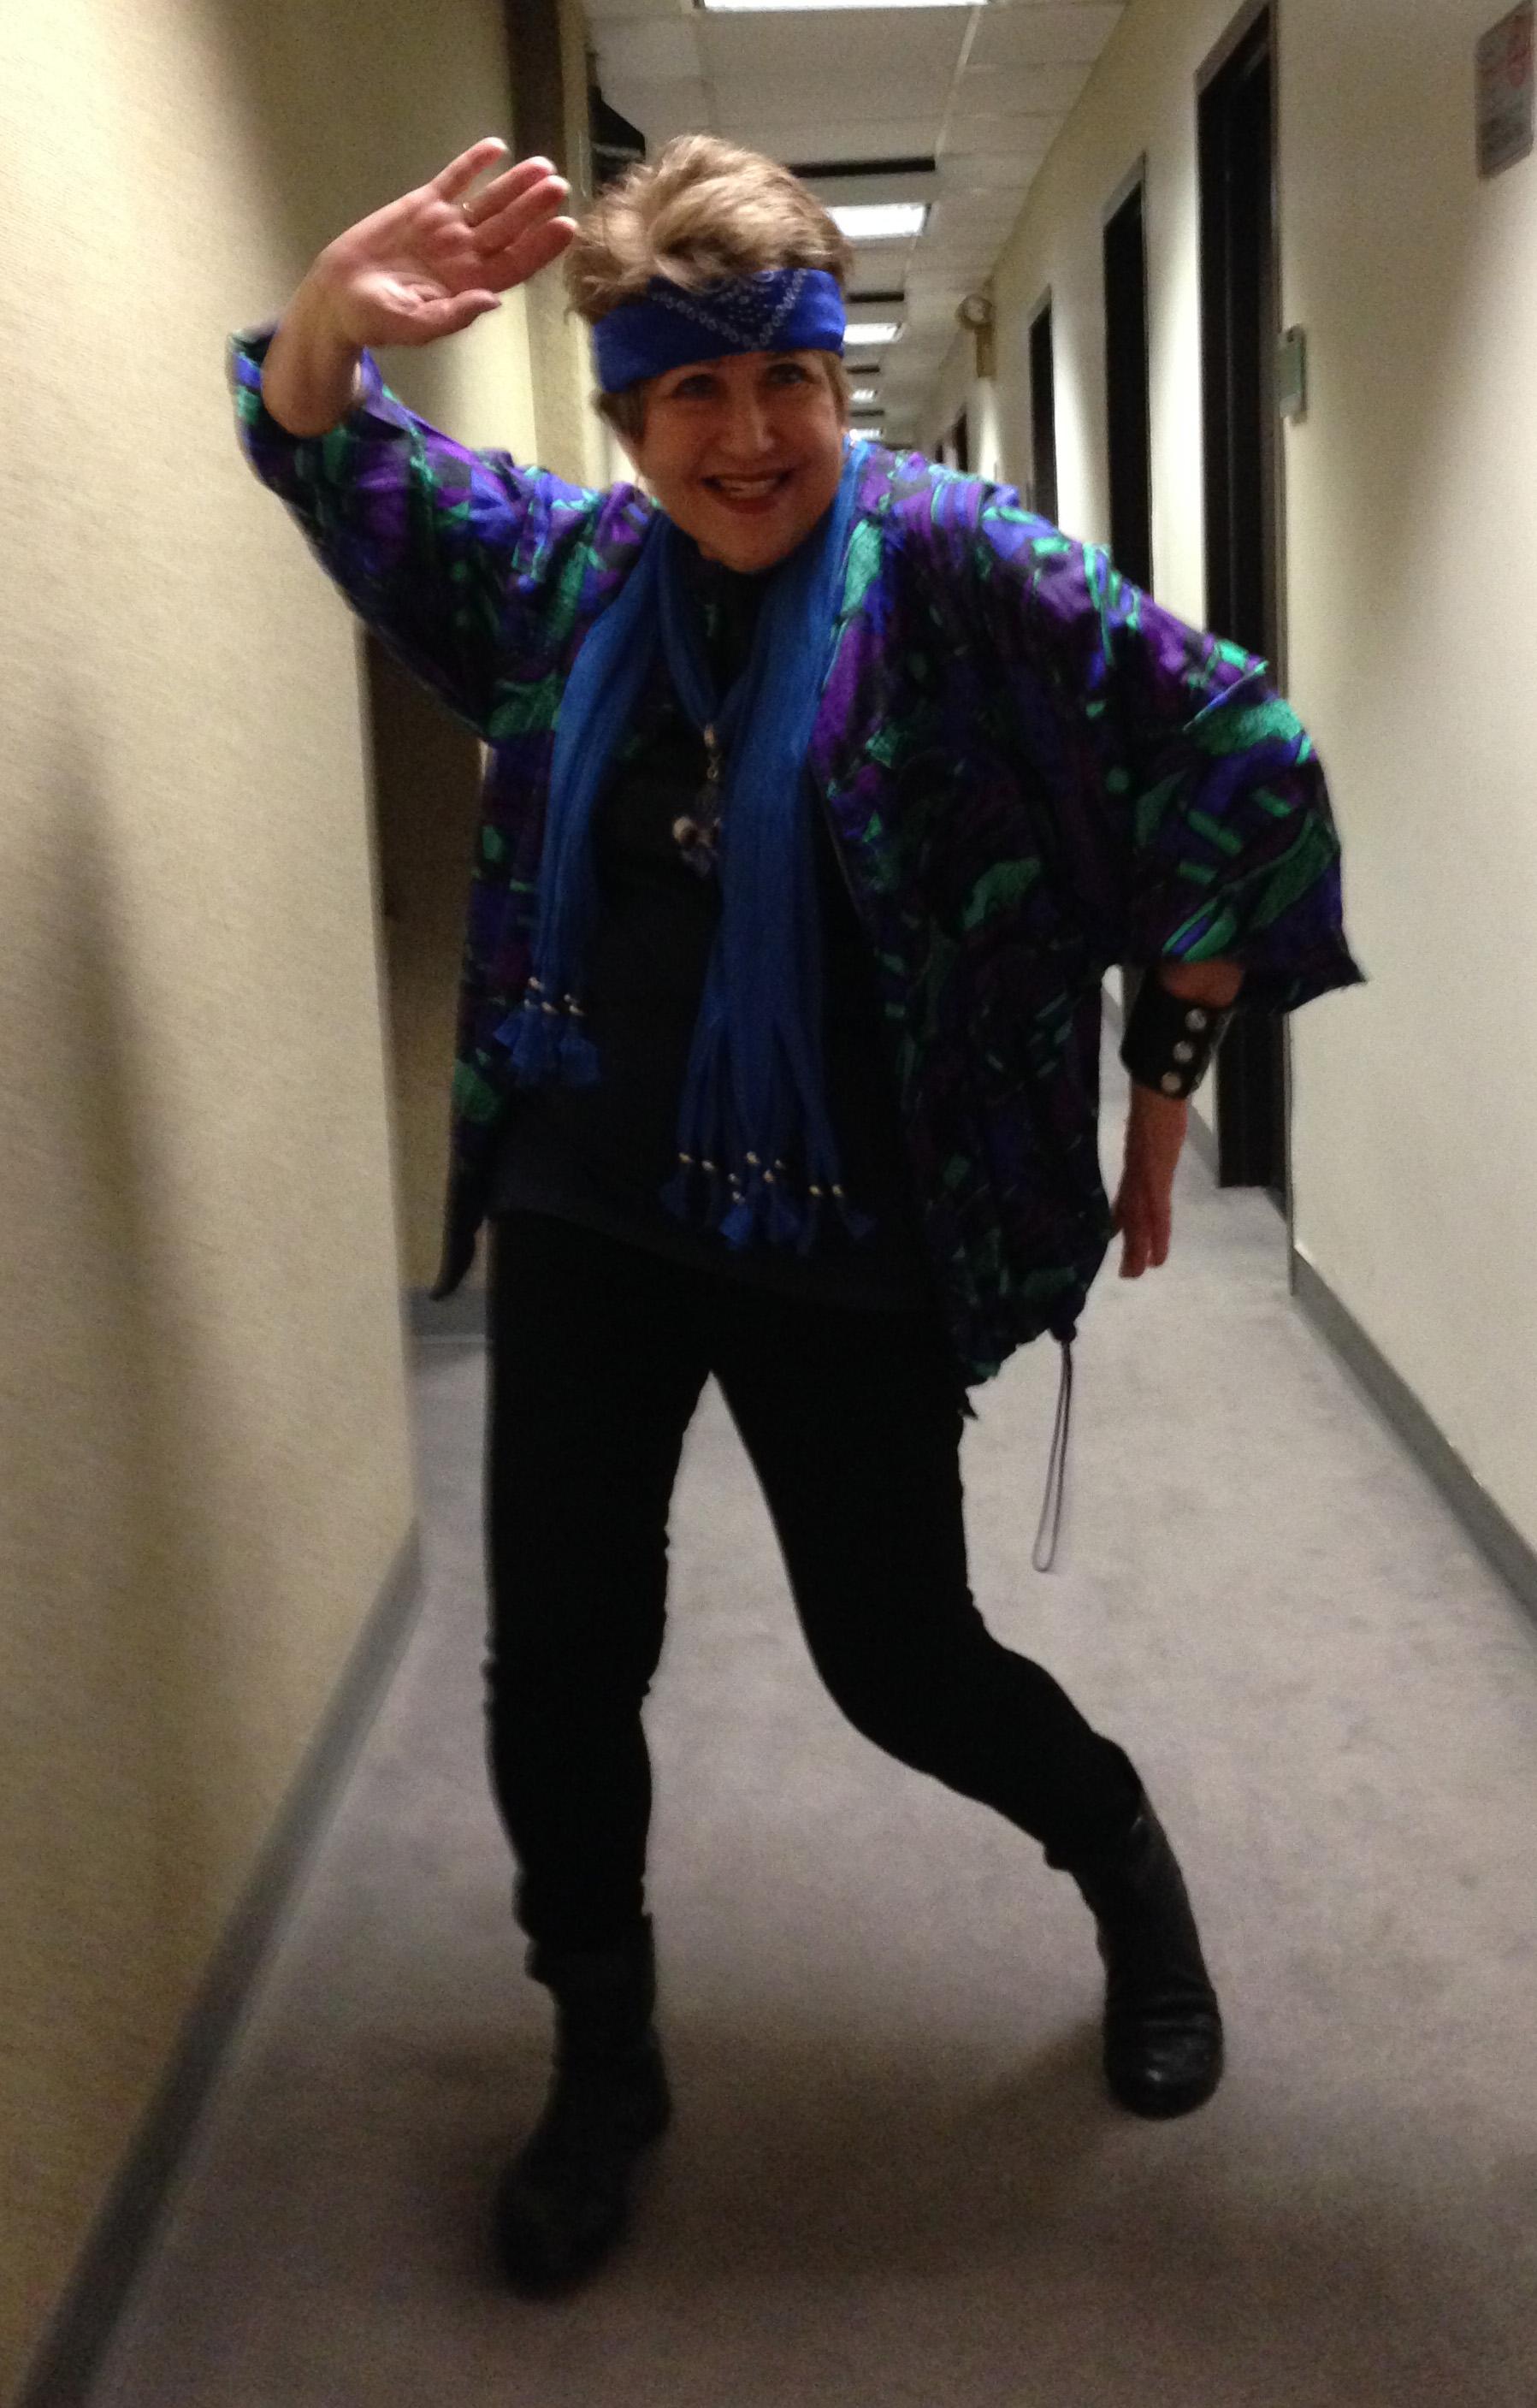 SNL Short - DANCING  - Prof. Skillz